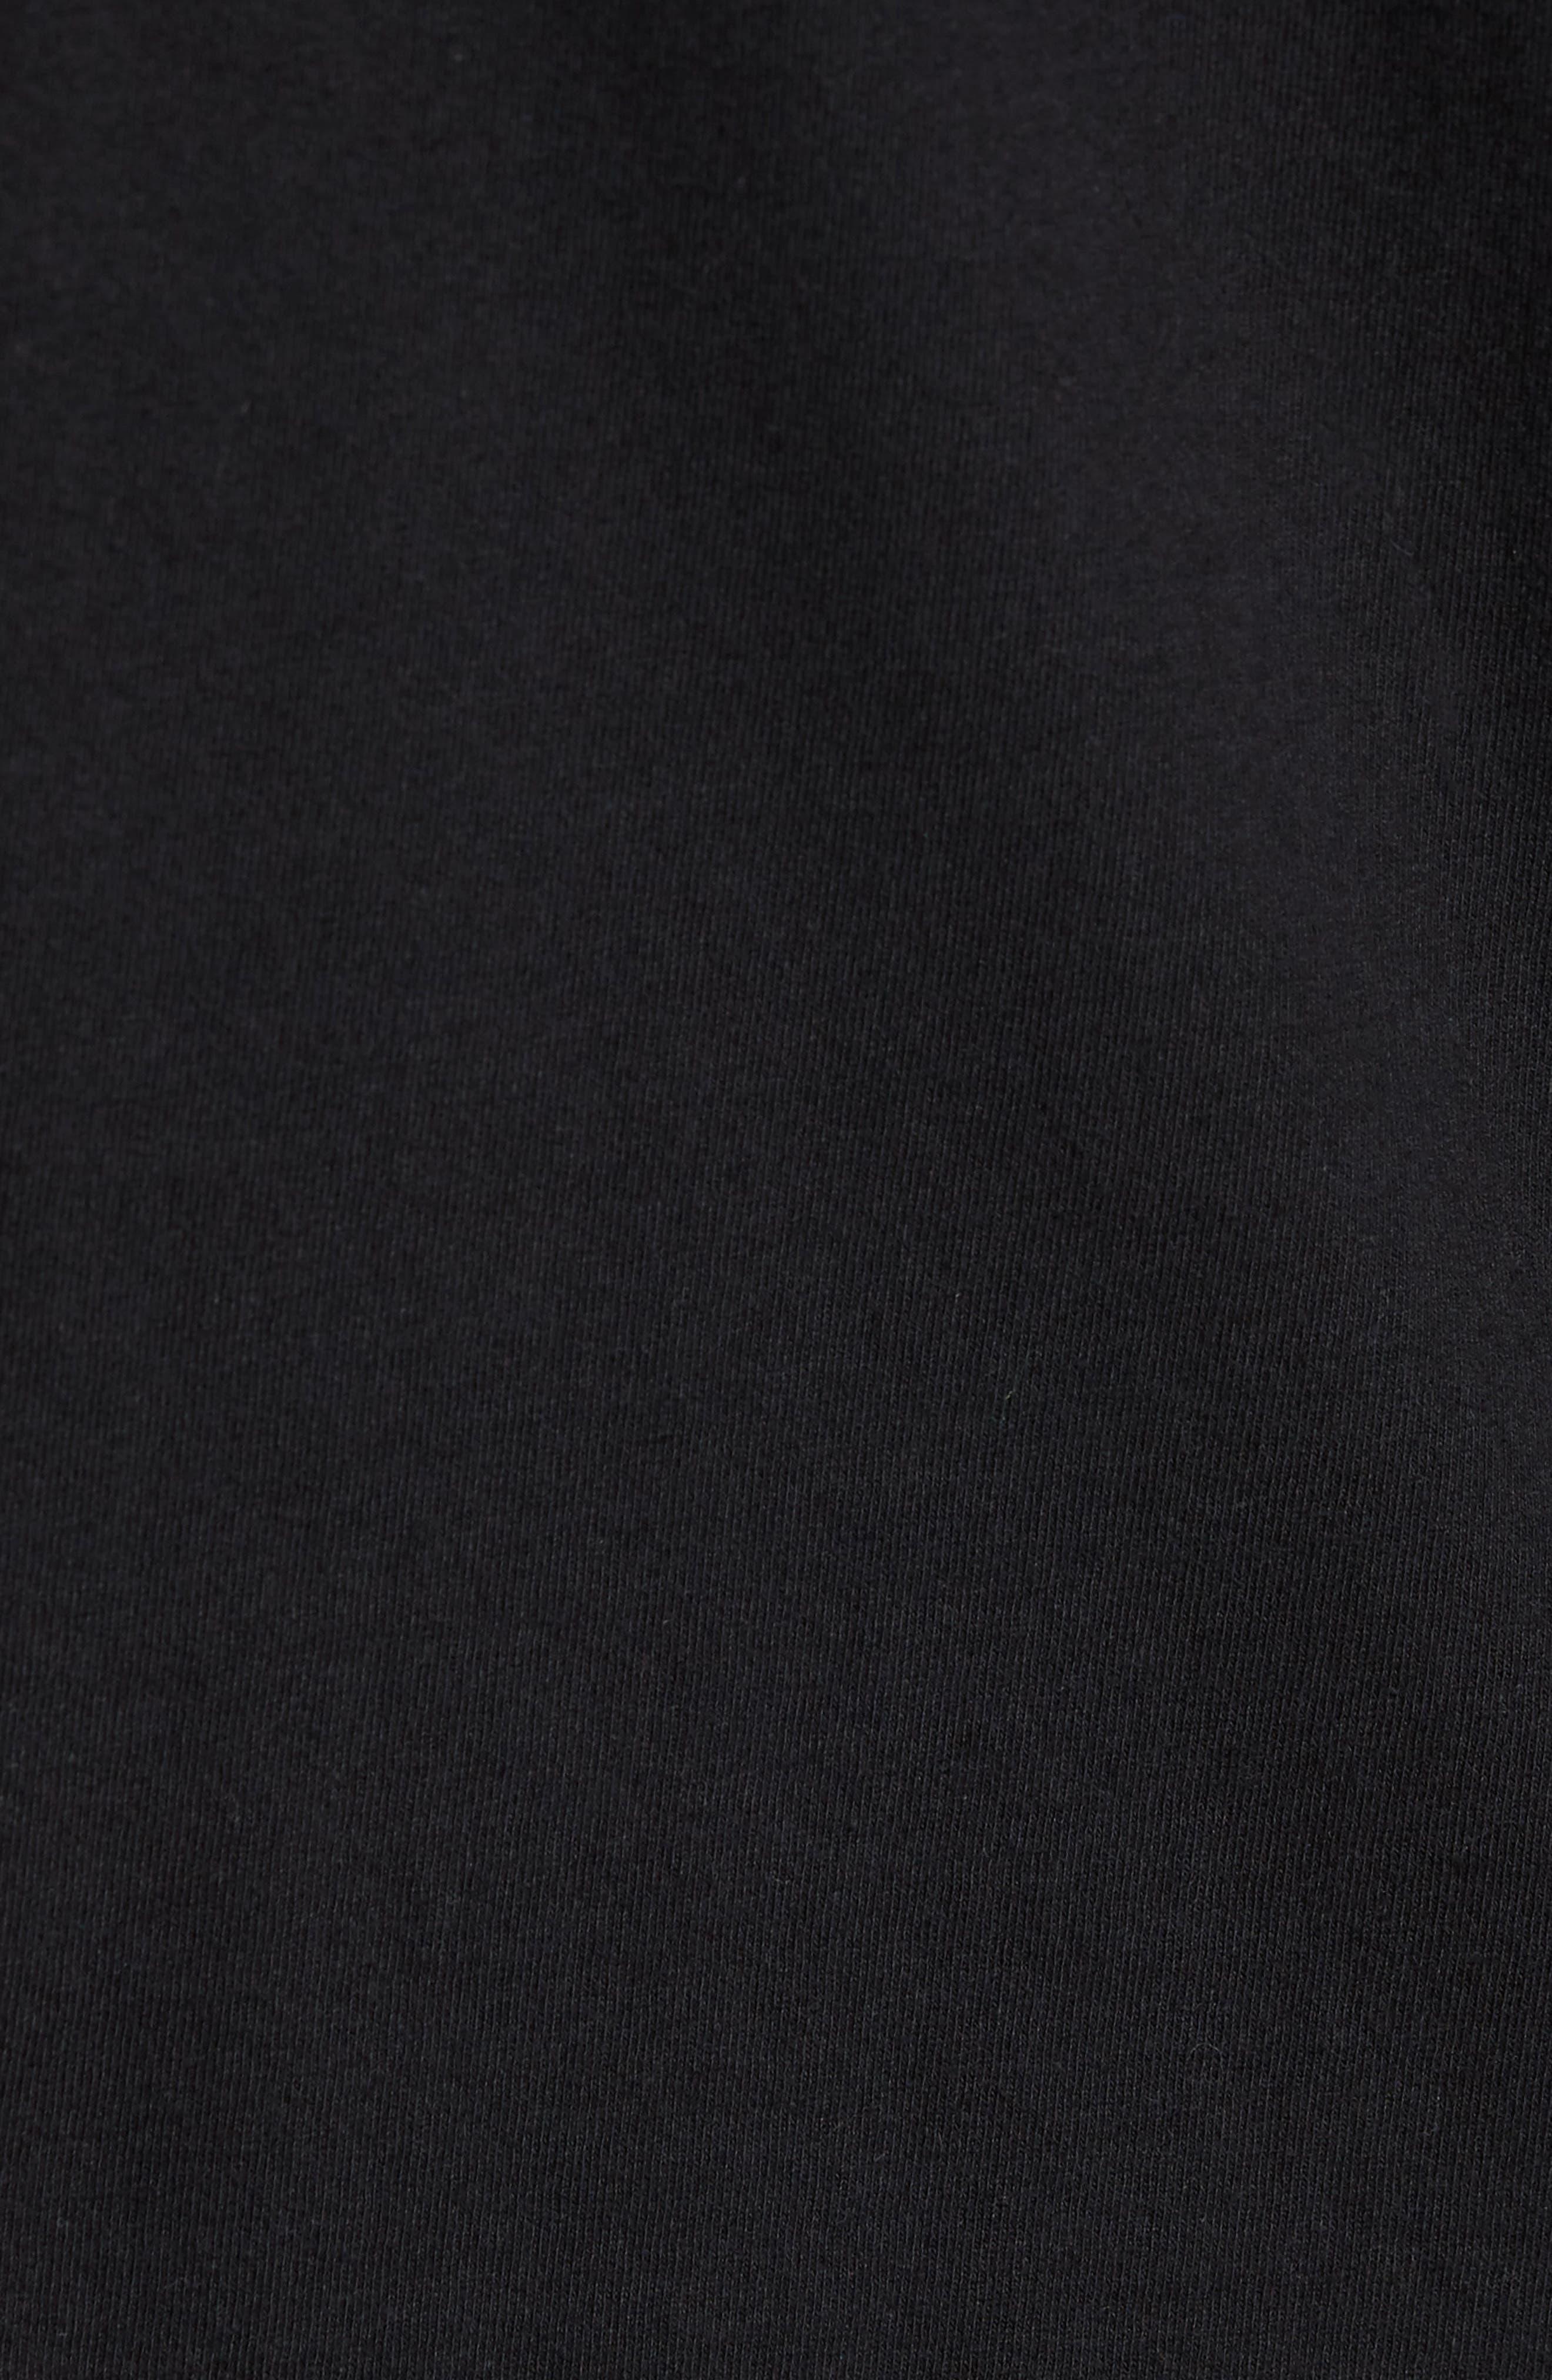 Borstal T-Shirt,                             Alternate thumbnail 5, color,                             Black